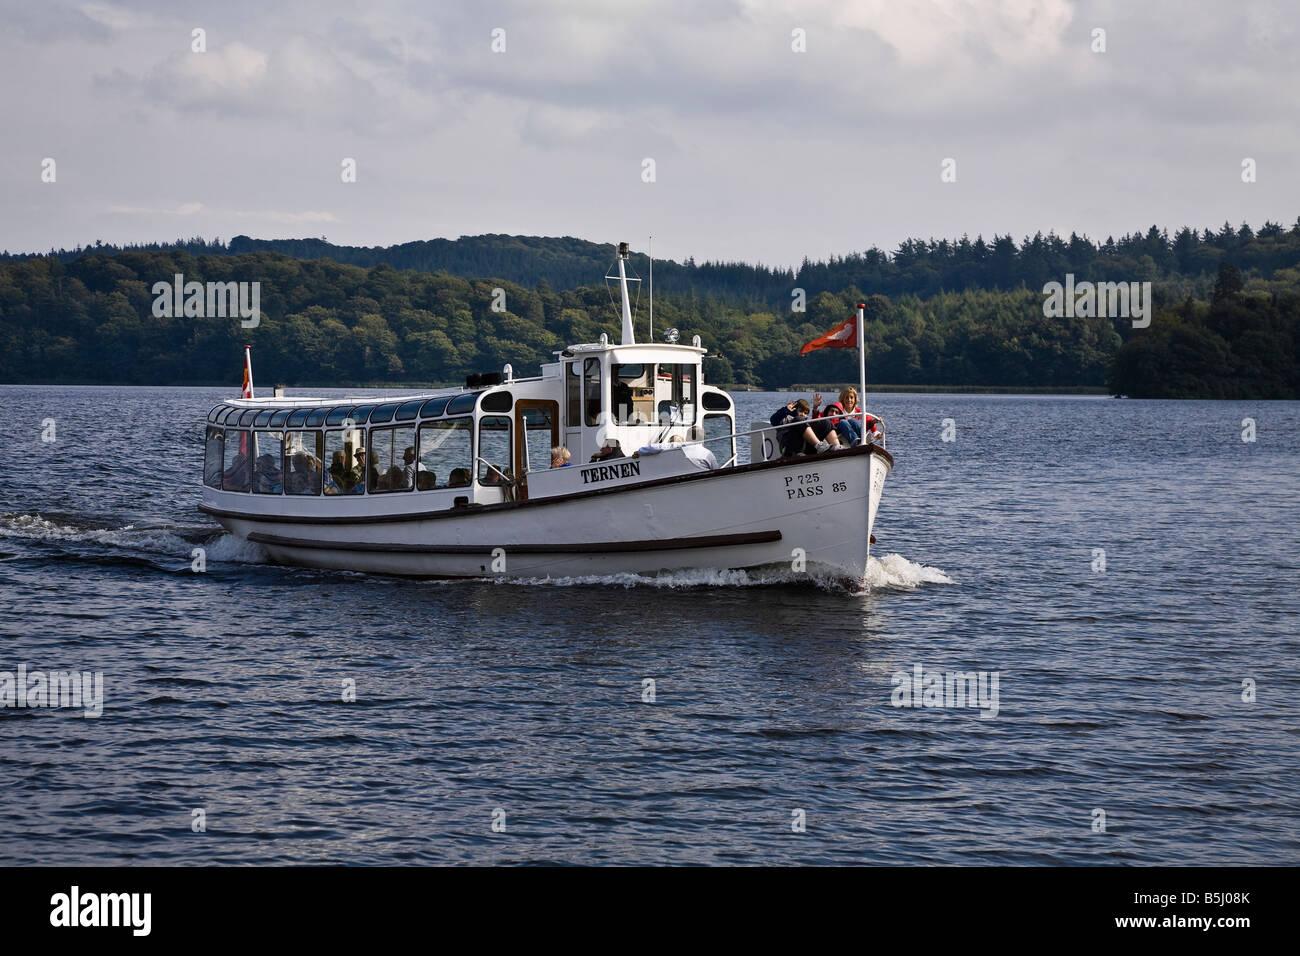 Tourist boat 'Ternen' on Lake Brassø near Silkeborg, Jutland, Denmark - Stock Image